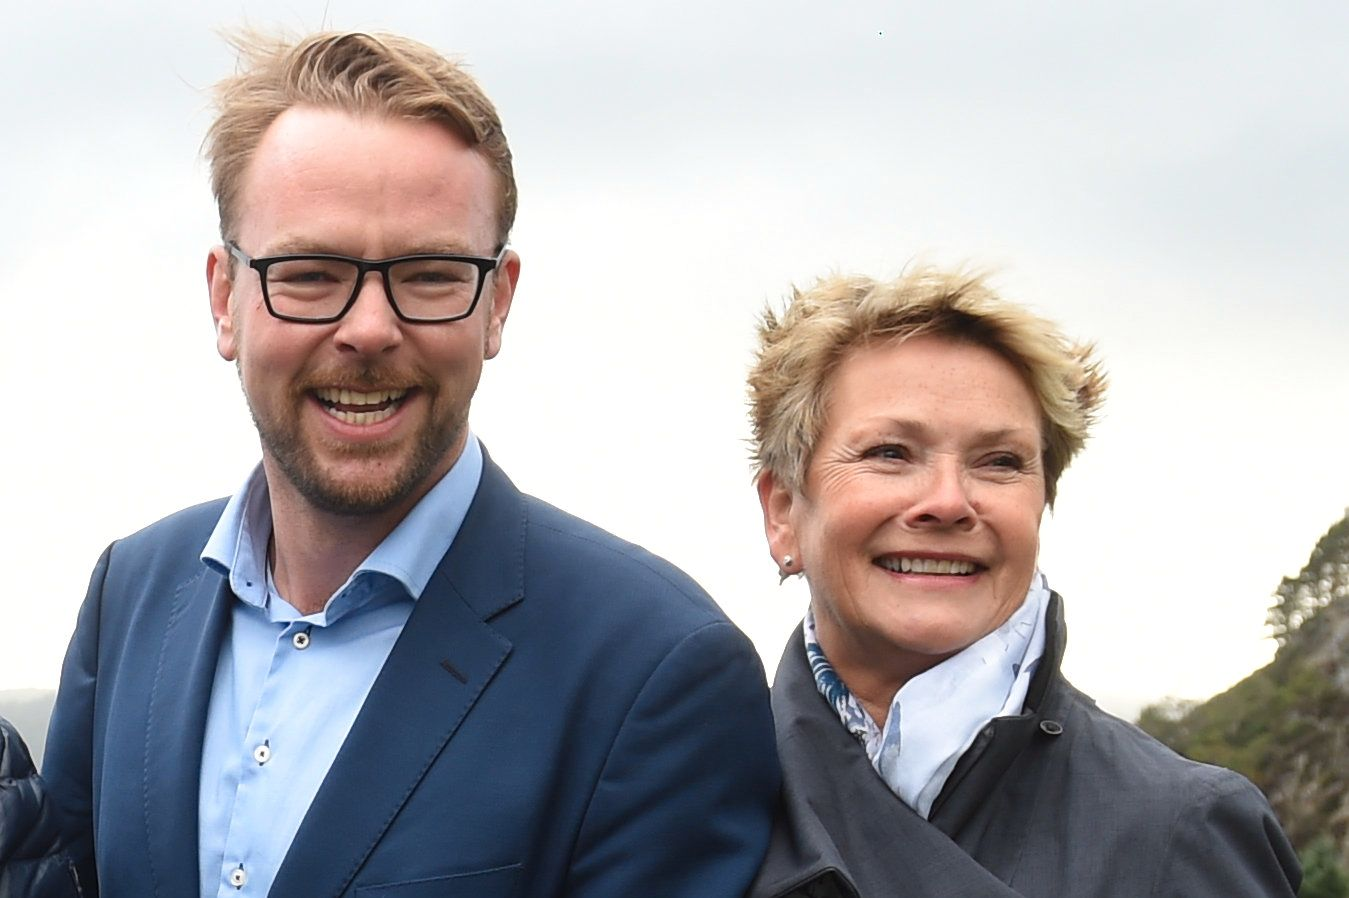 LØFTEBRUDD: For fire år siden solgte Arbeiderpartiet det som var viktigst for oss bergensere, for å kjøpe seg makt, skriver Harald Victor Hove (H) og Hilde Onarheim (H), her avbildet på husbesøk i forbindelse med valgkampen i Bergen.